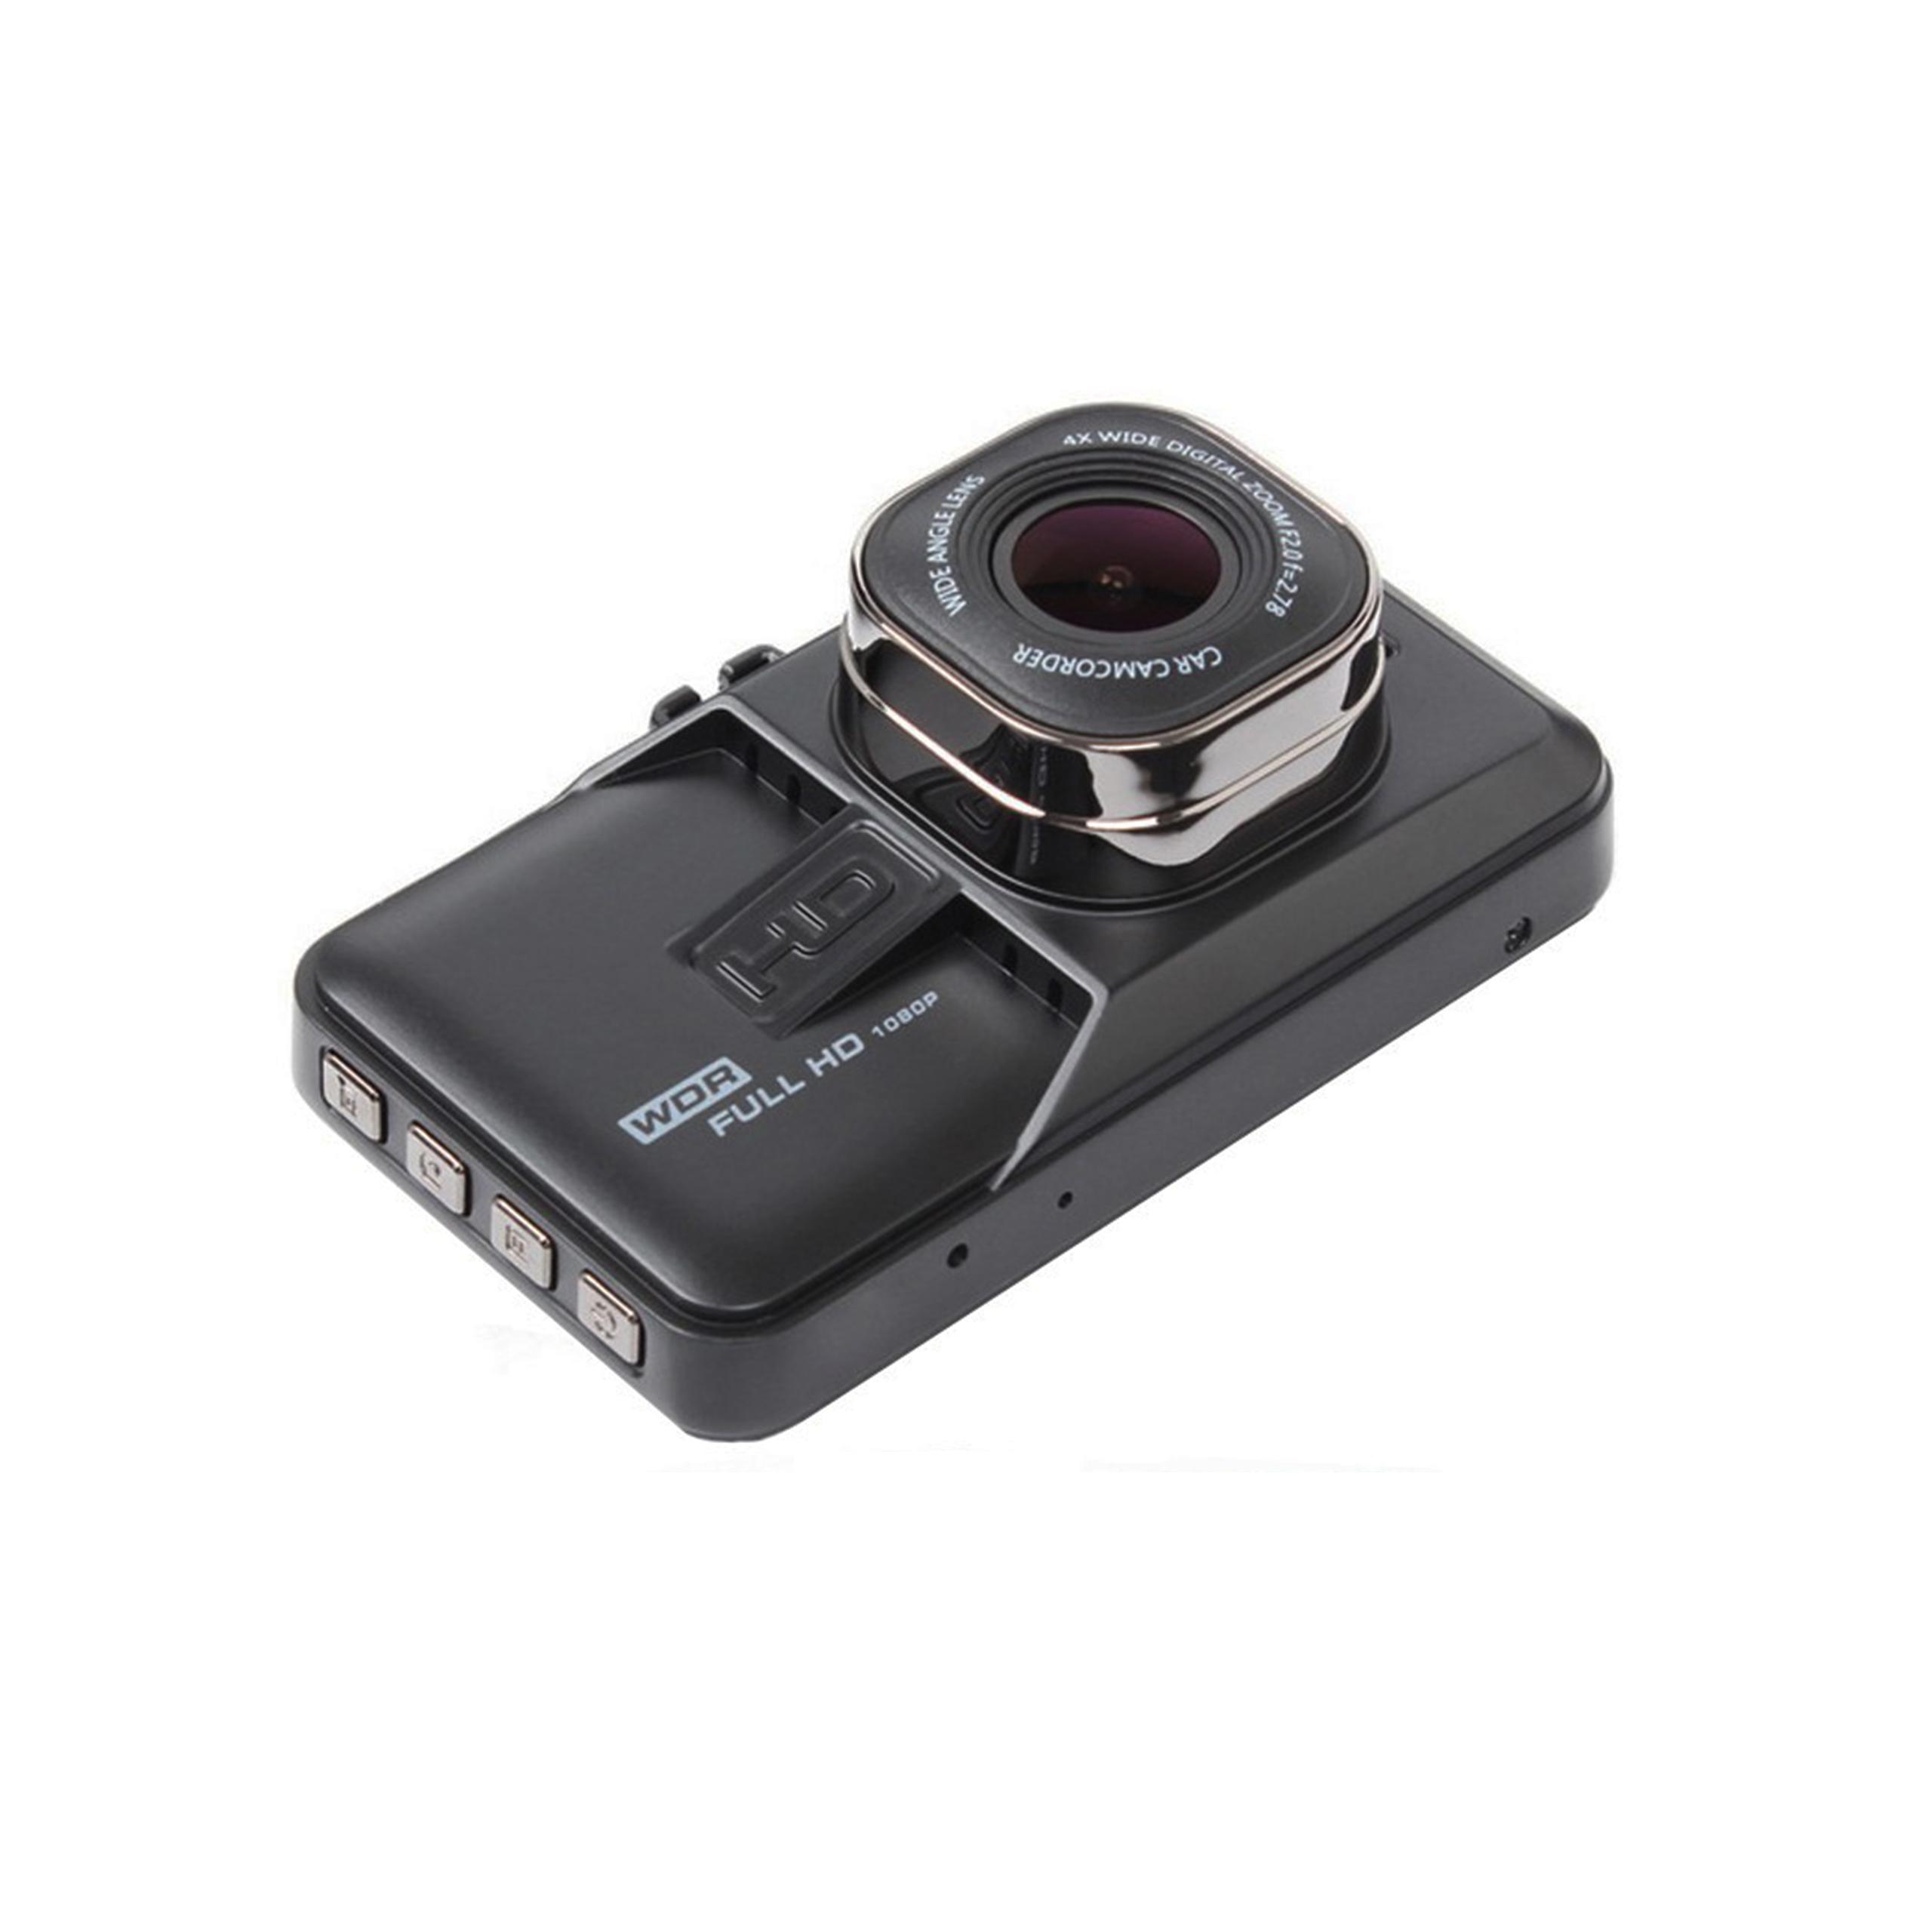 Инструкция авто регистратор full hd 1080p регистратор камера в зеркале заднего вида купить